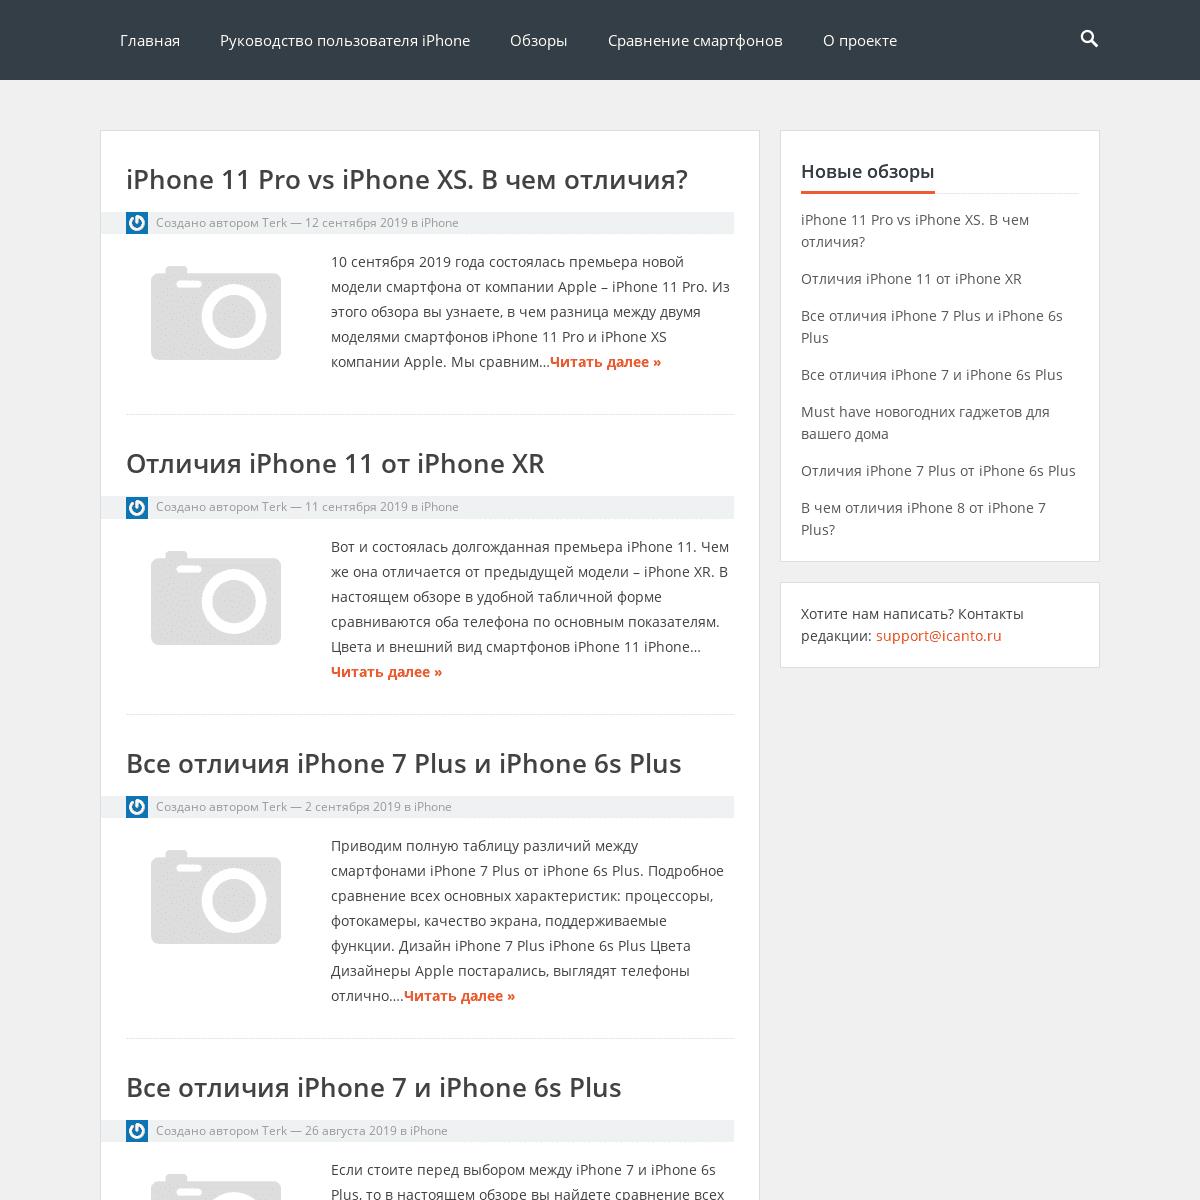 Сообщество любителей цифровой техники